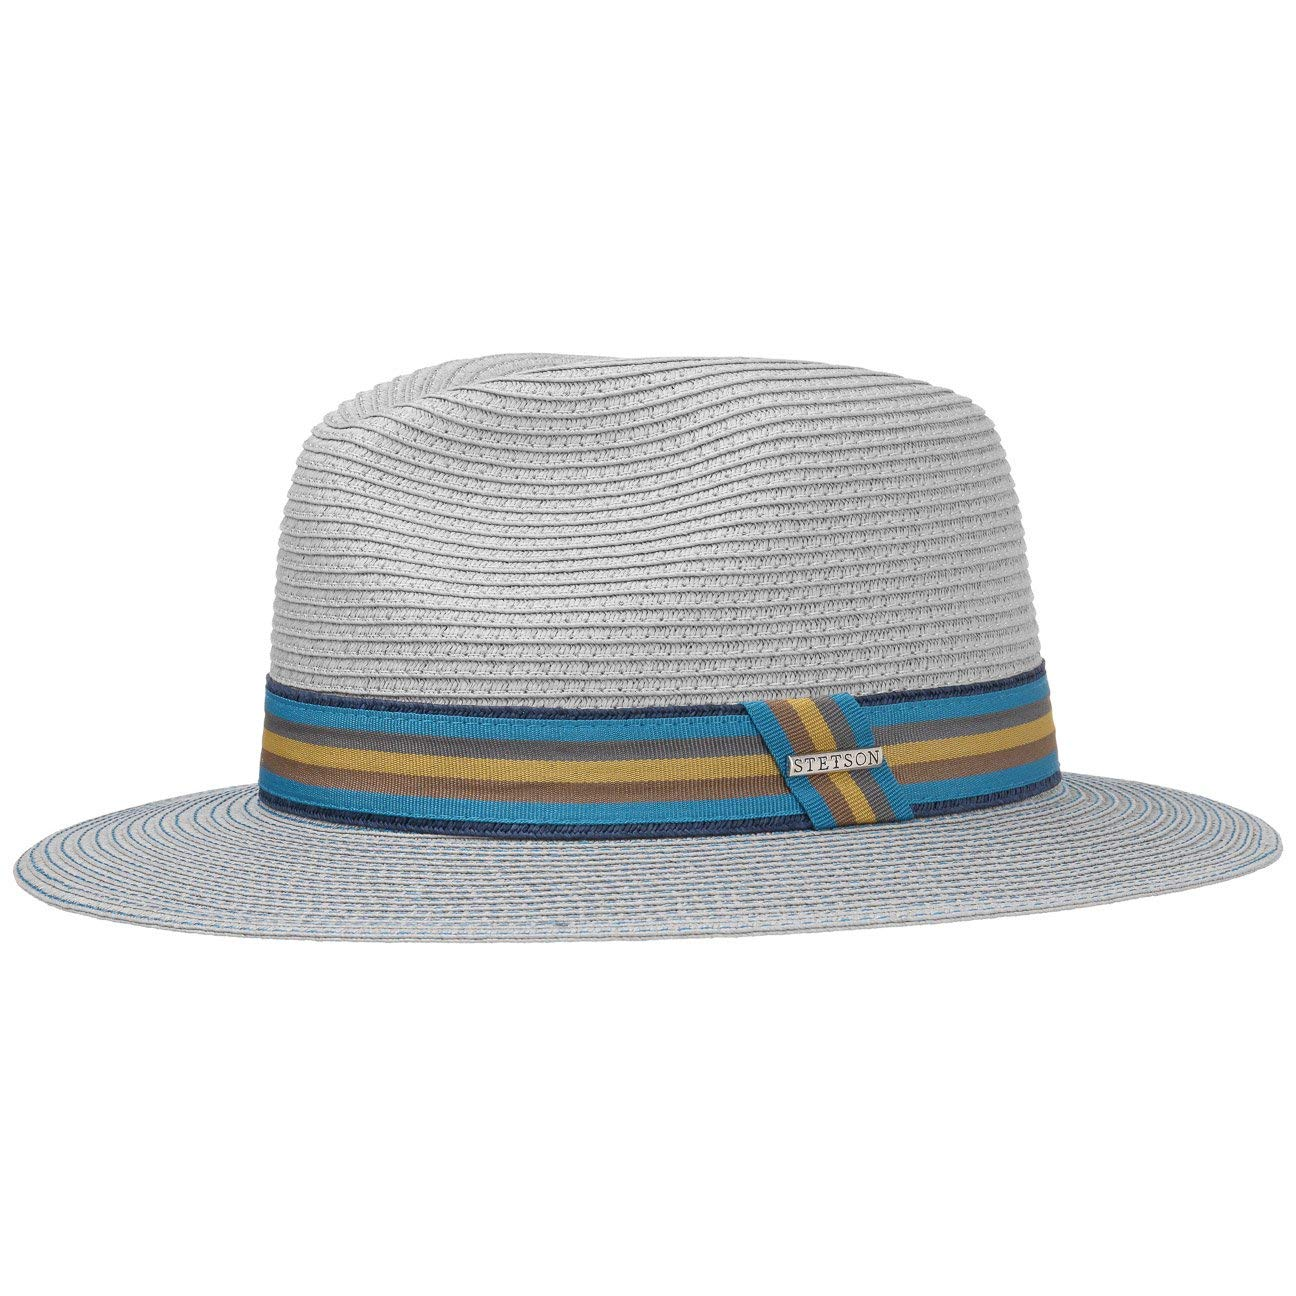 9462cc9e783 Stetson Monticello Toyo Traveller Hat Men´s Straw 2478501 ...